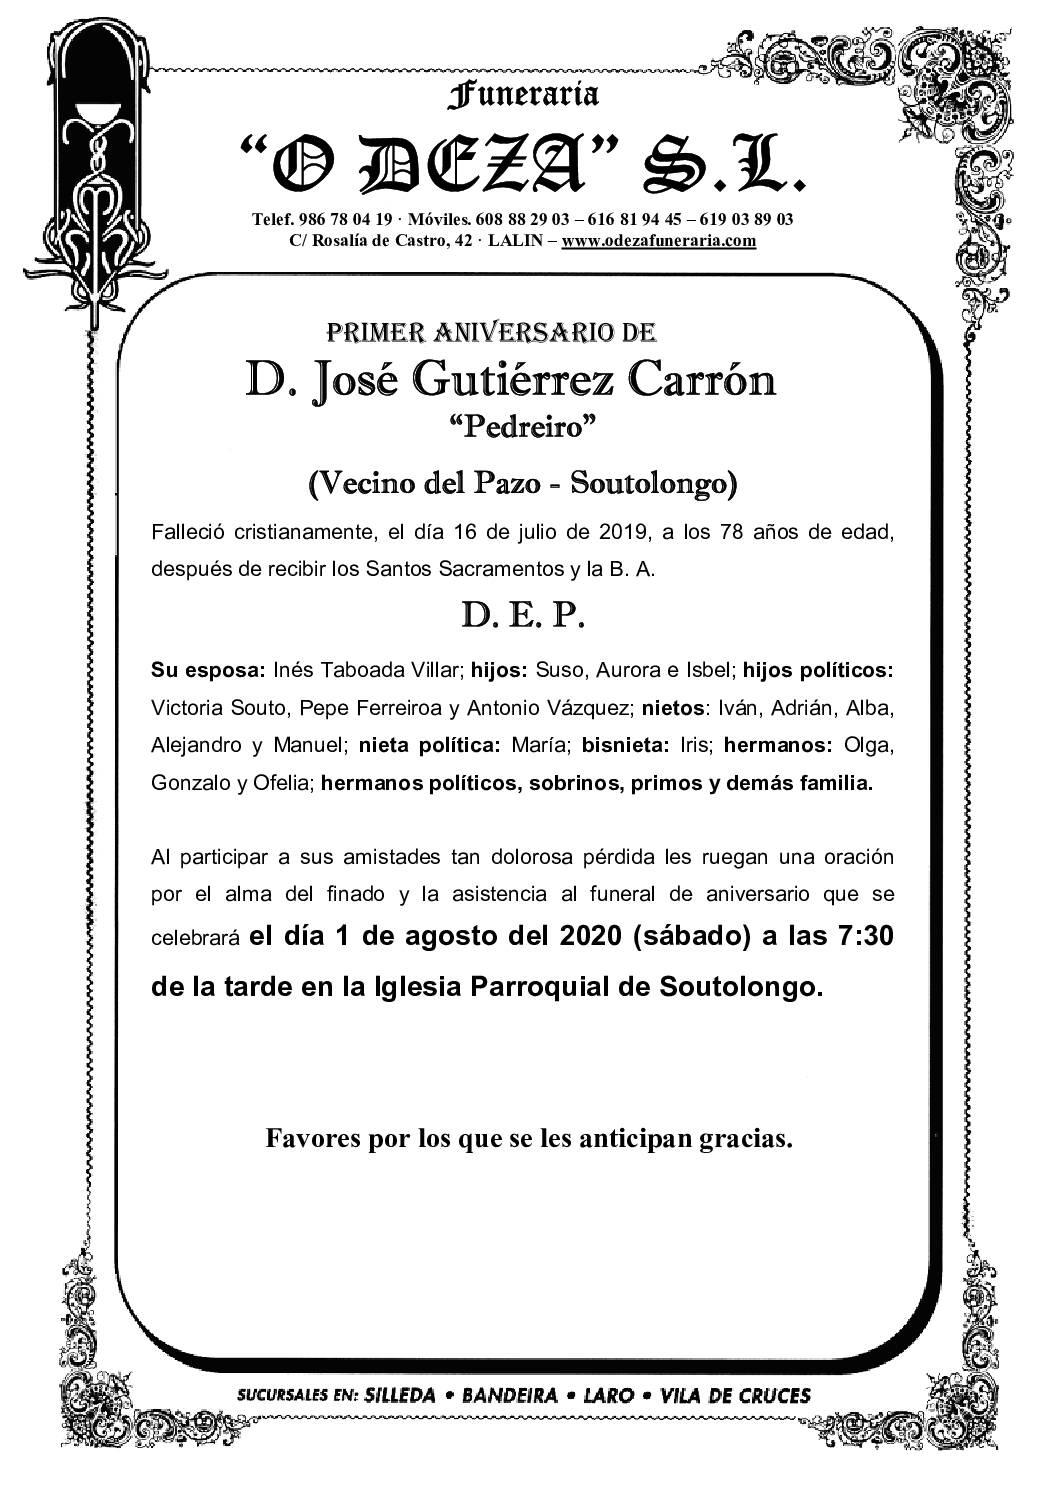 D. JOSÉ GUTIÉRREZ CARRÓN